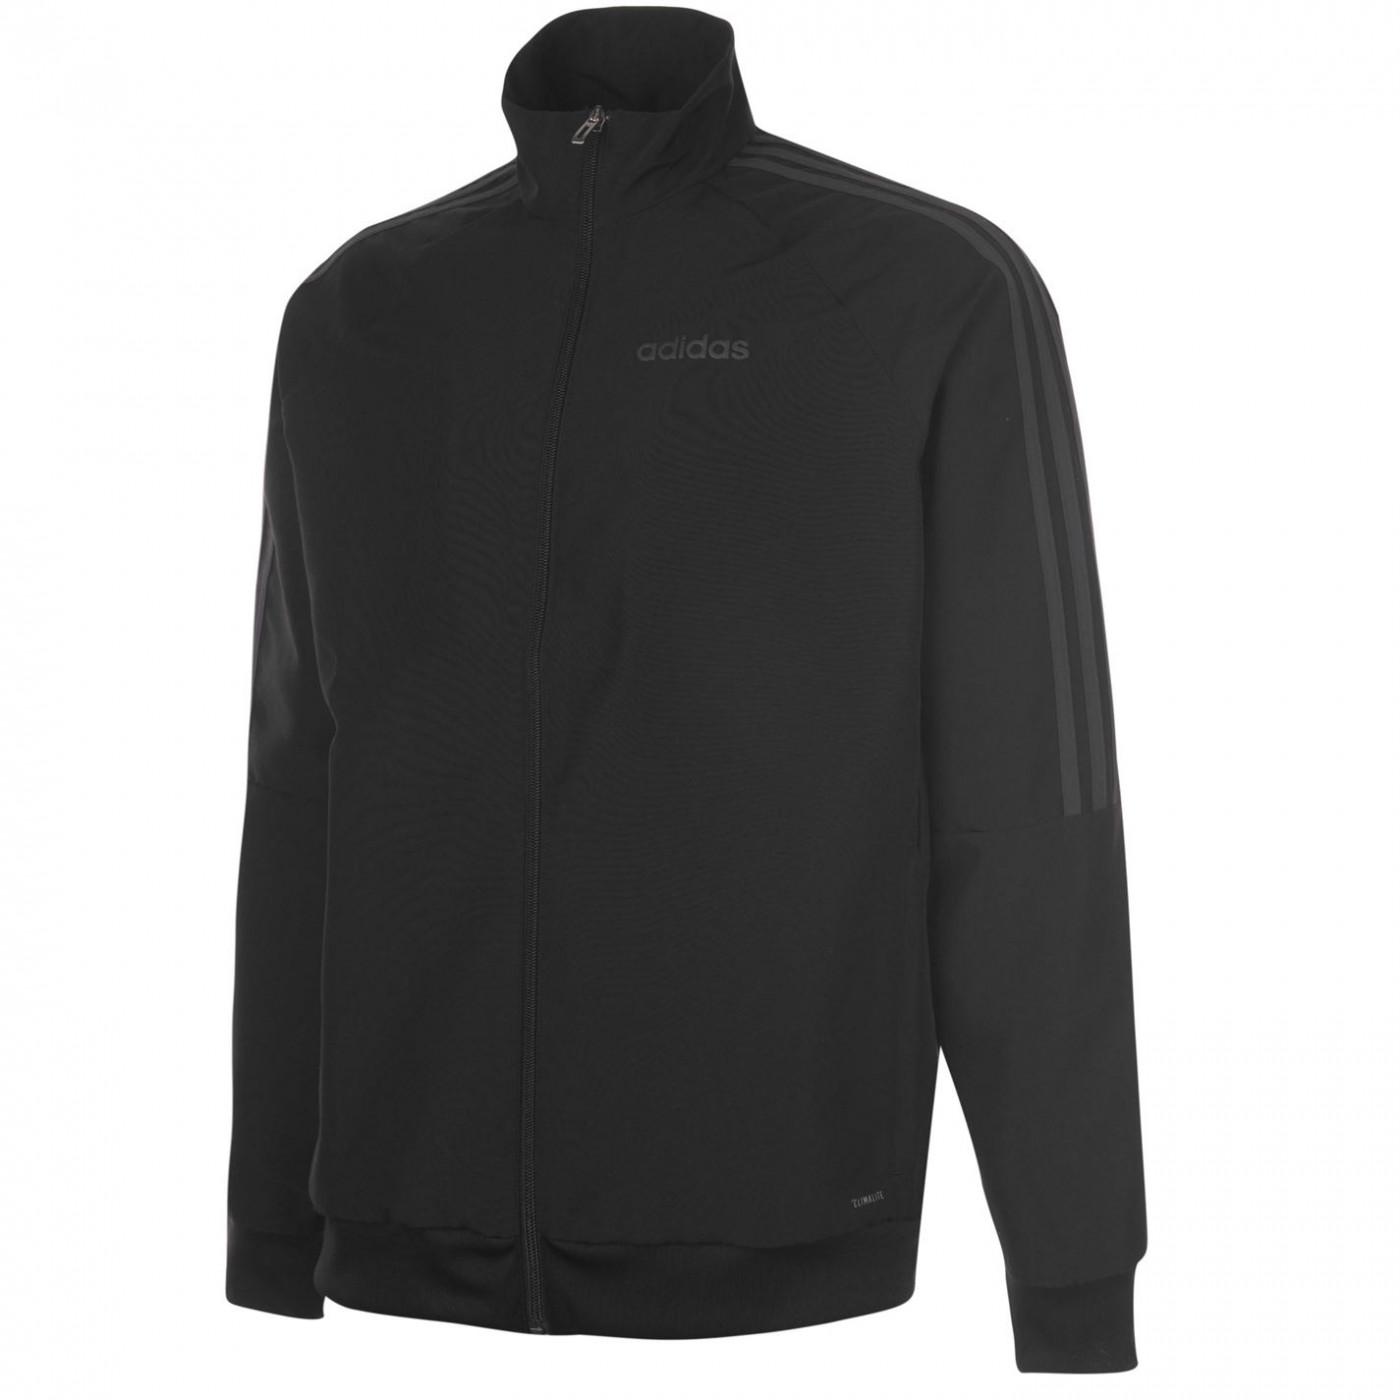 Adidas Sereno Track Jacket Mens